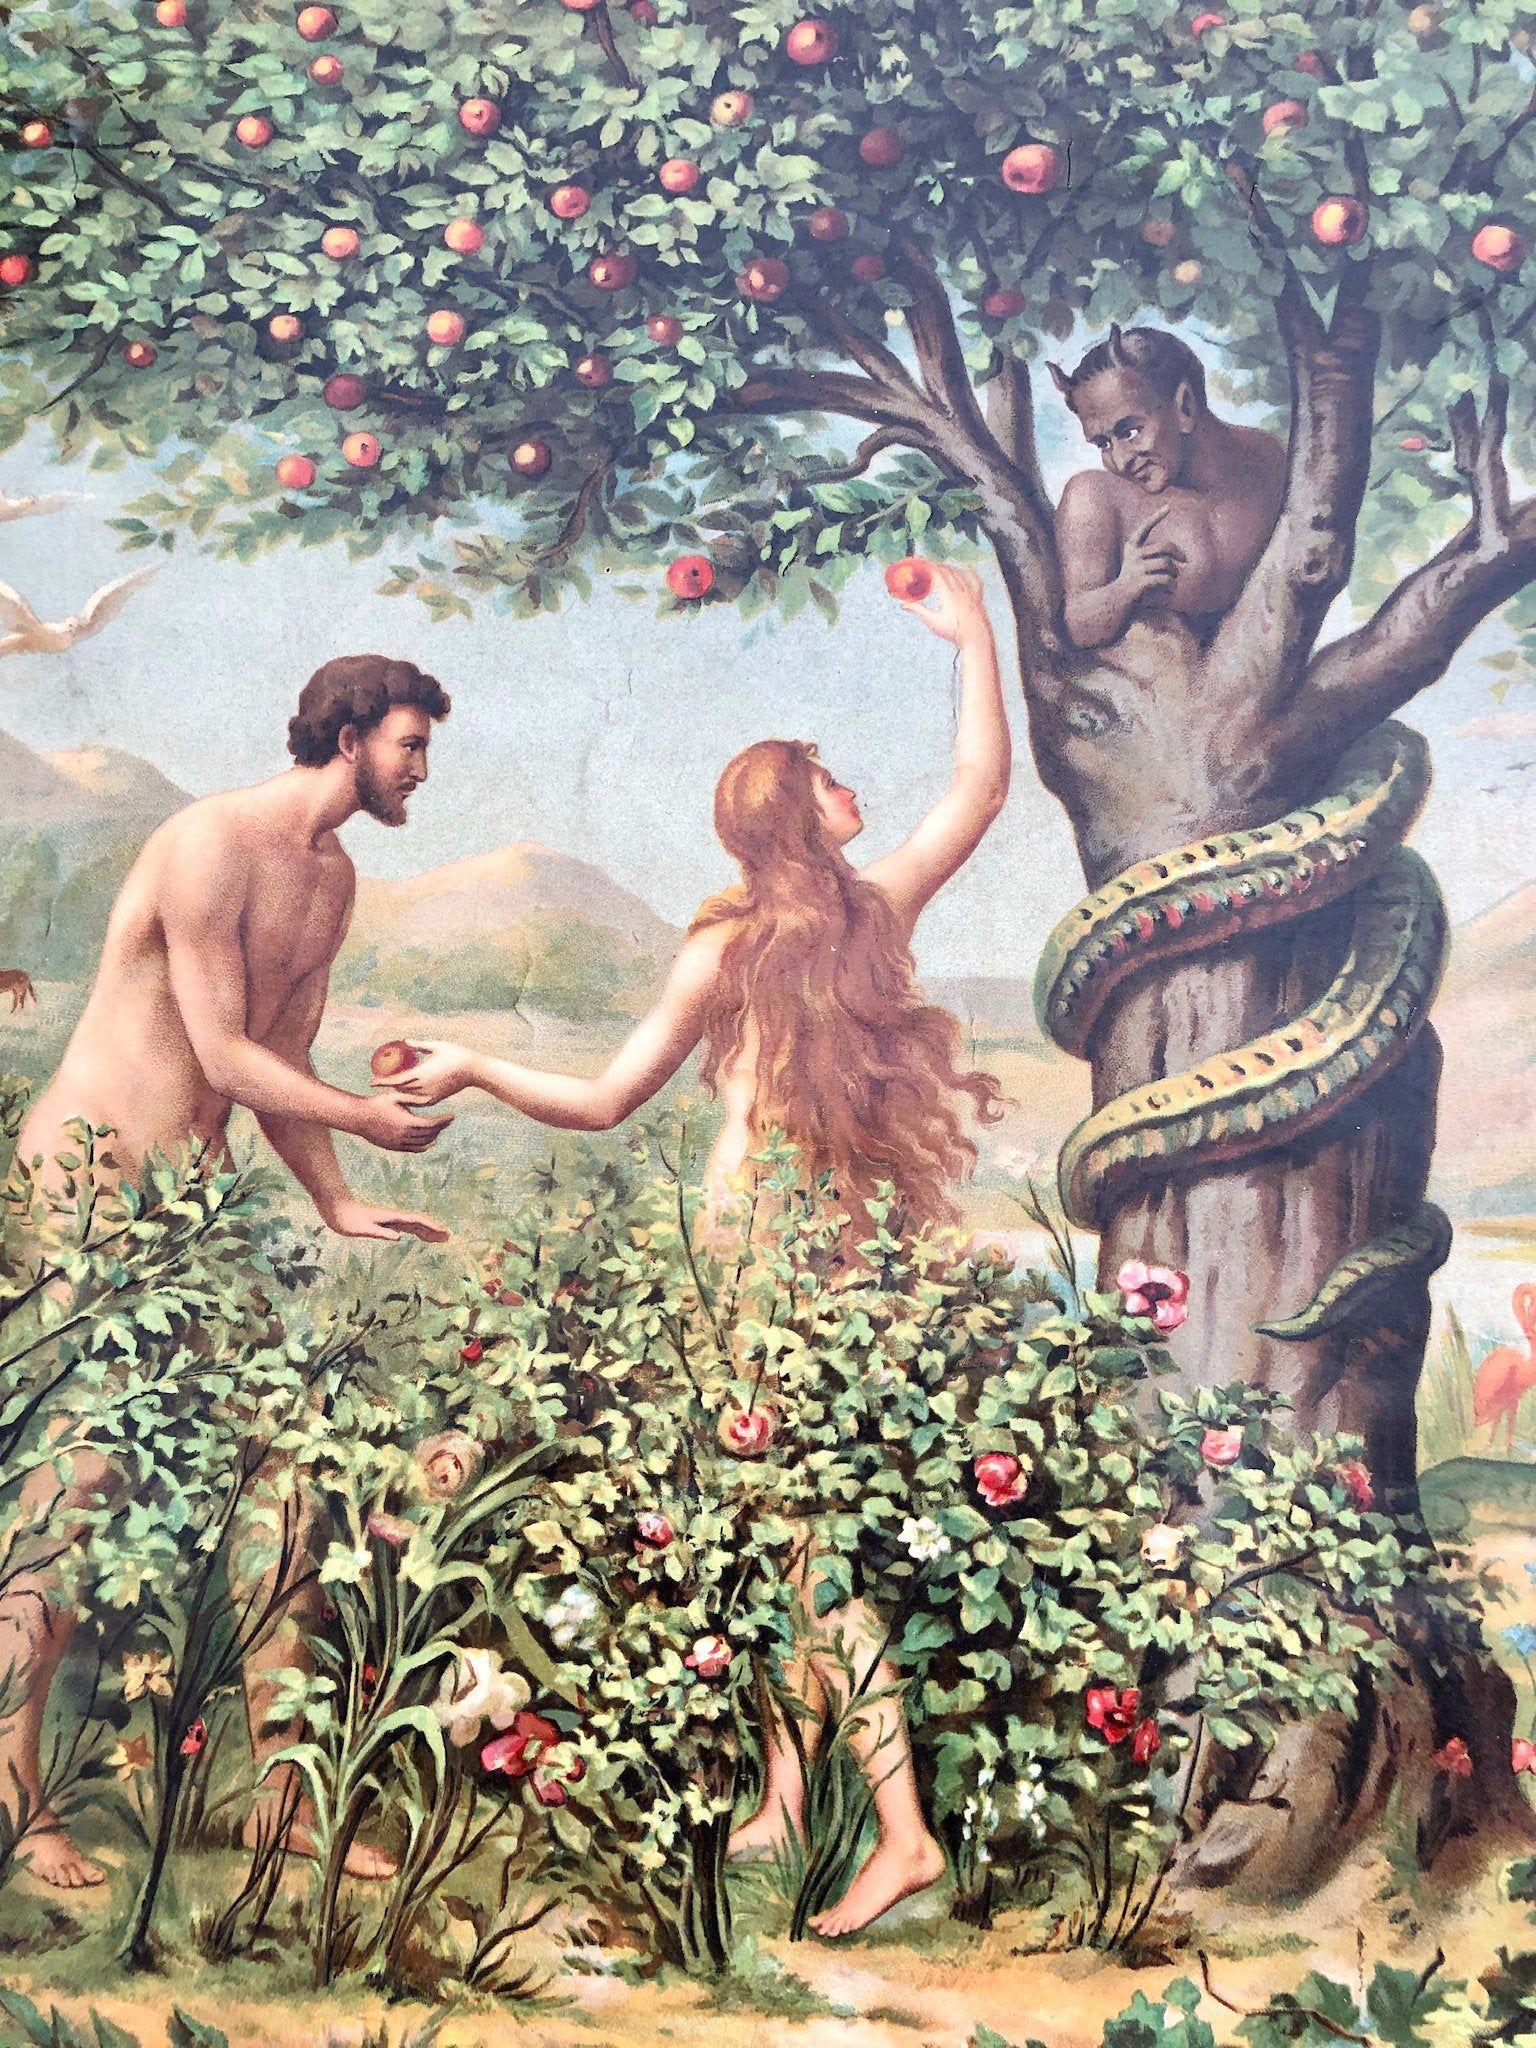 окружающим картинки адам и ева на рабочий стол выступающая часть состоит